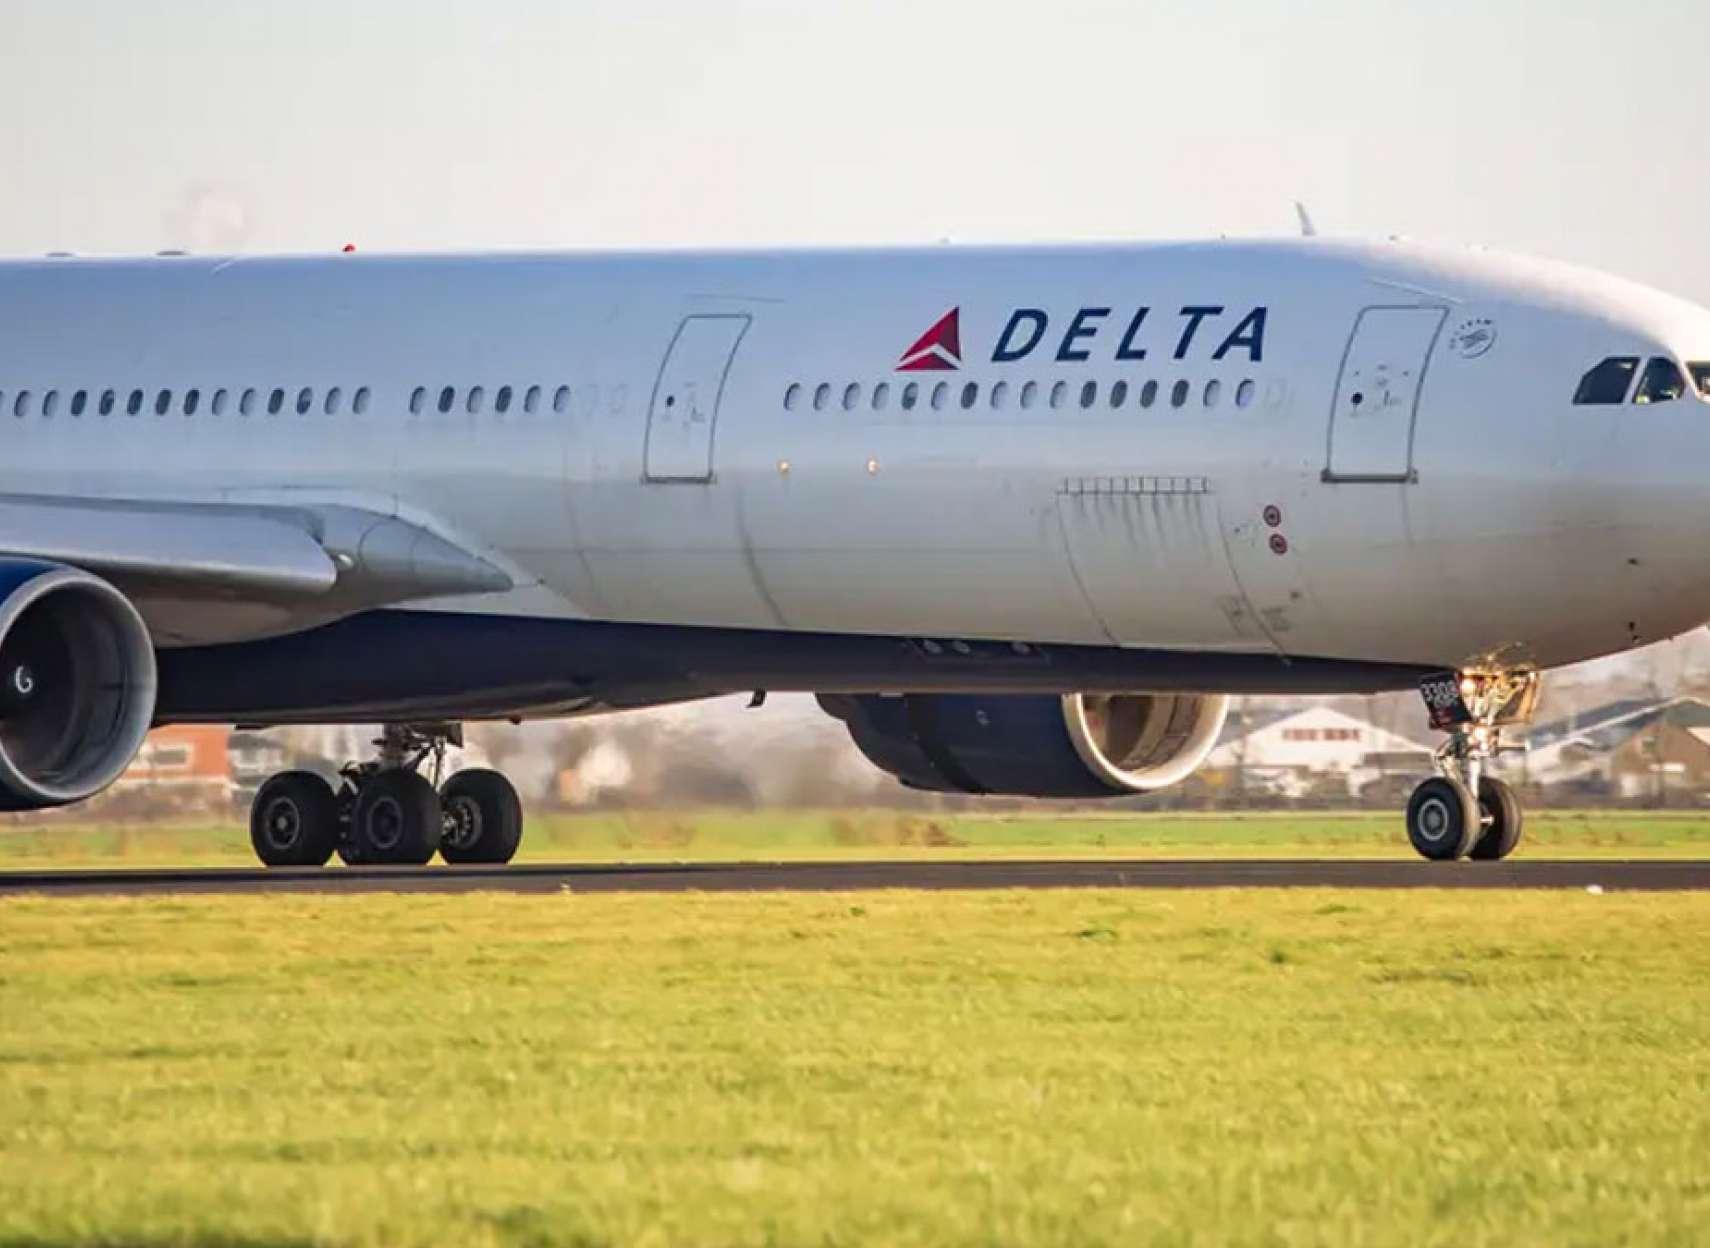 خبر-جهان-هواپیمایی-دلتا-۱۸-دختر-یهودی-تندرو-آمریکایی-را-بعلت-عدم-رعایت-موازین-کرونا-سوار-نکرد